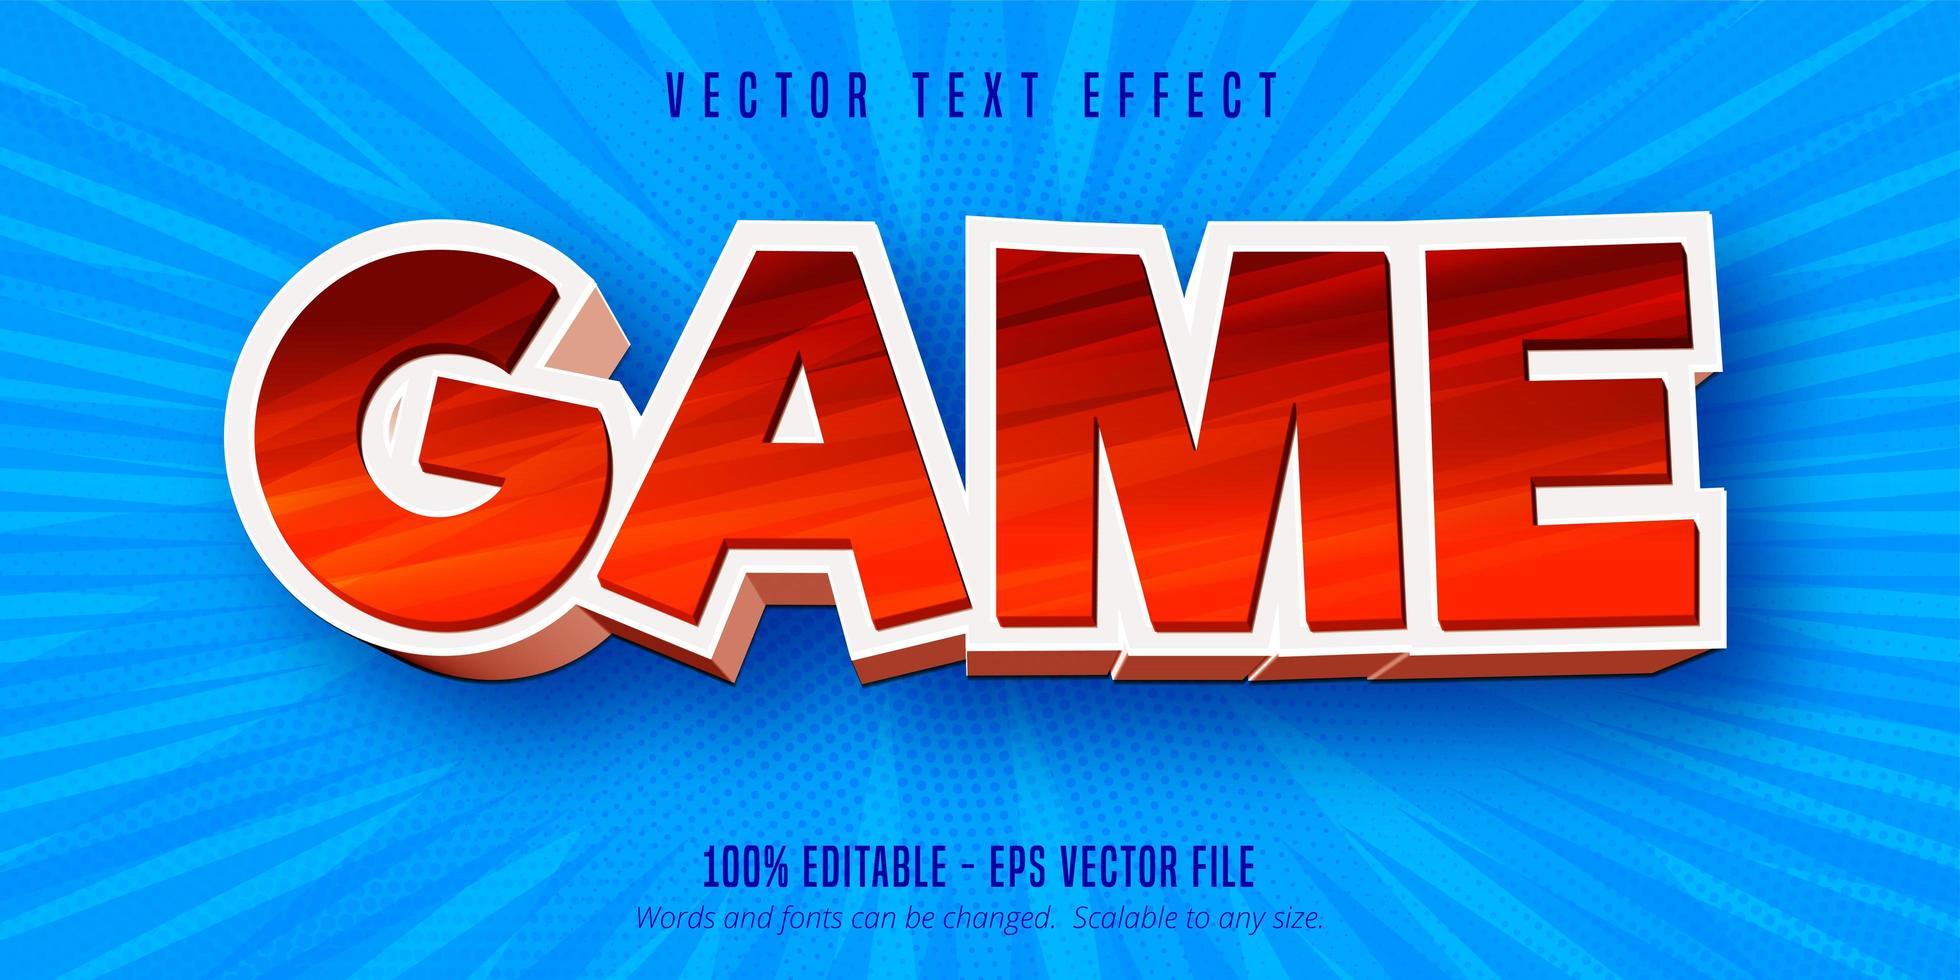 speltext, tecknad stil redigerbar texteffekt vektor